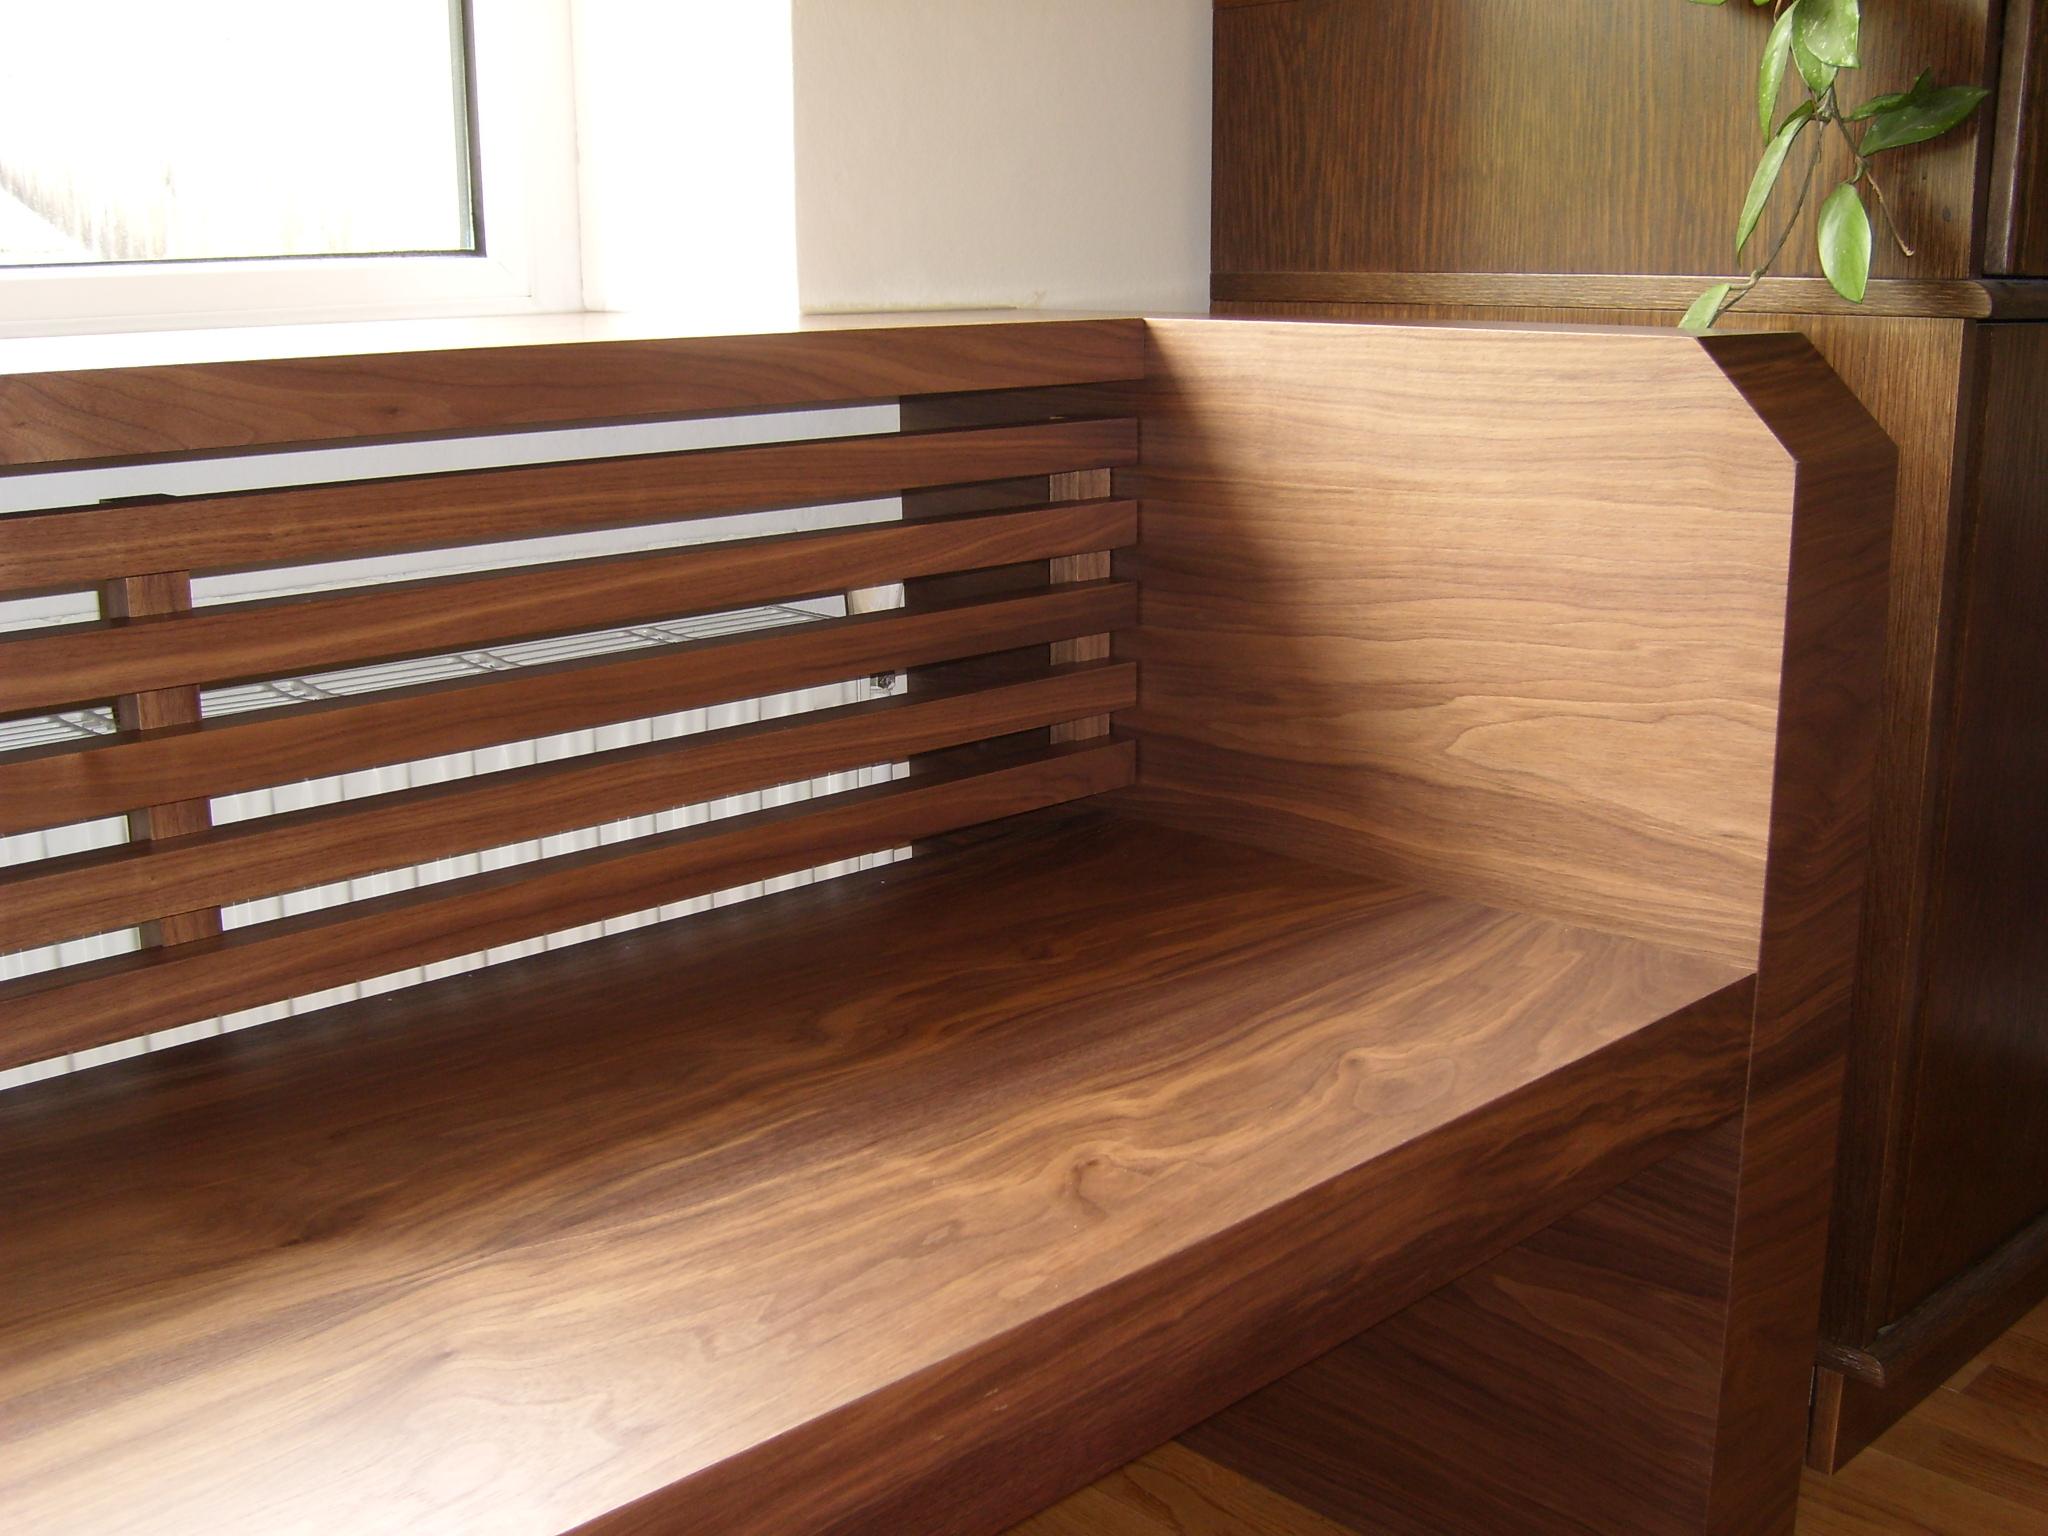 Wohnzimmer-Tischlerei-Pichler